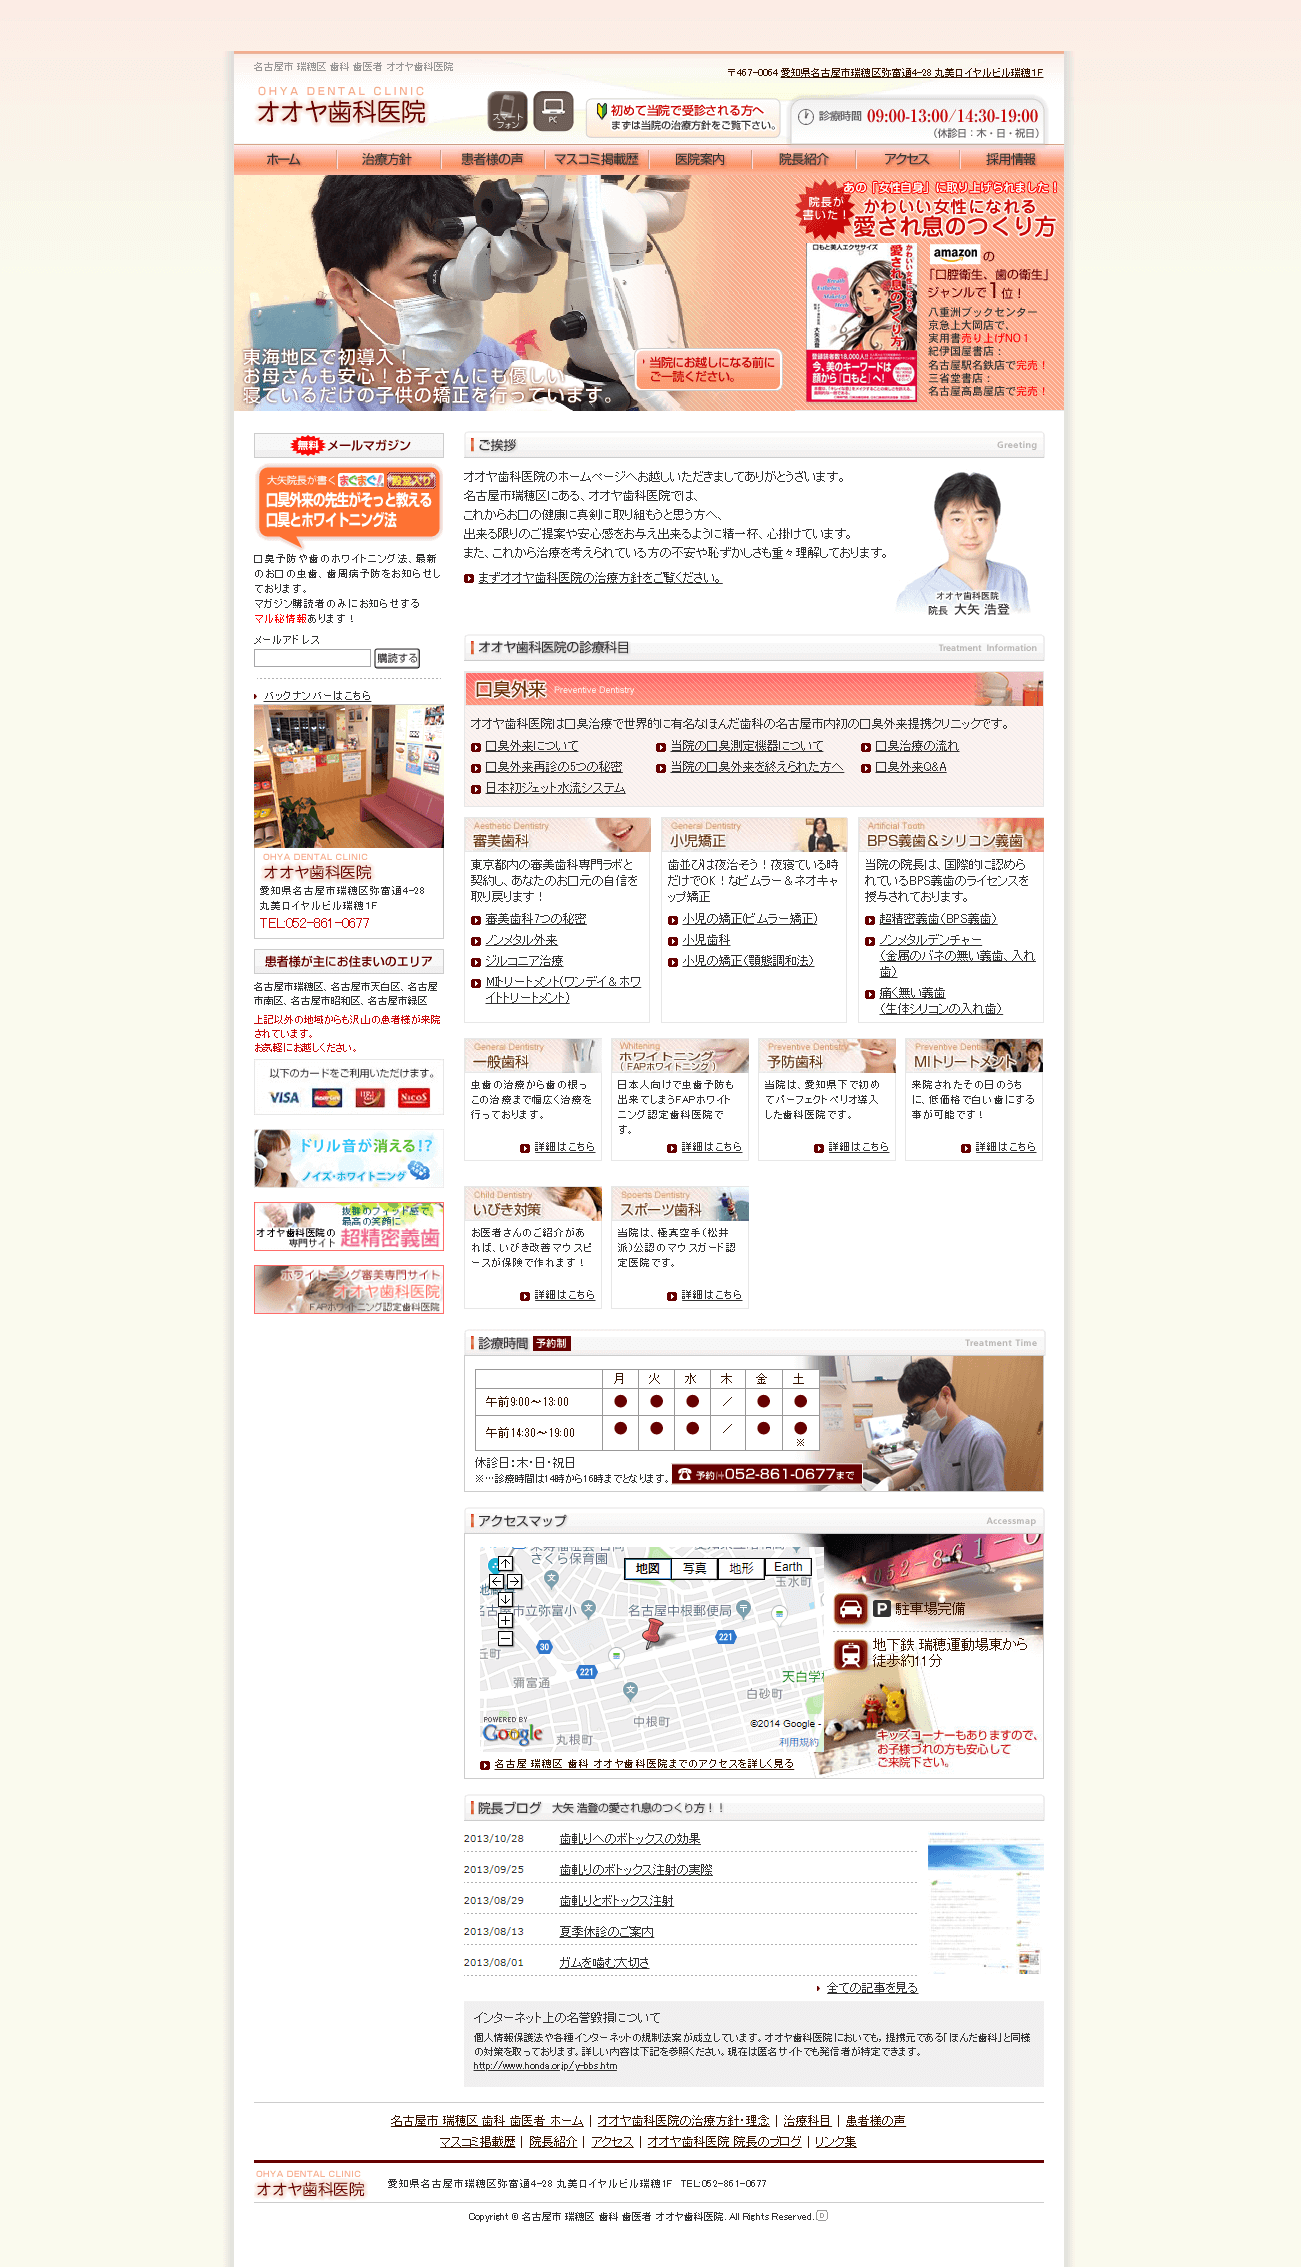 旧サイト:名古屋市 オオヤ歯科医院様 ホームページ制作